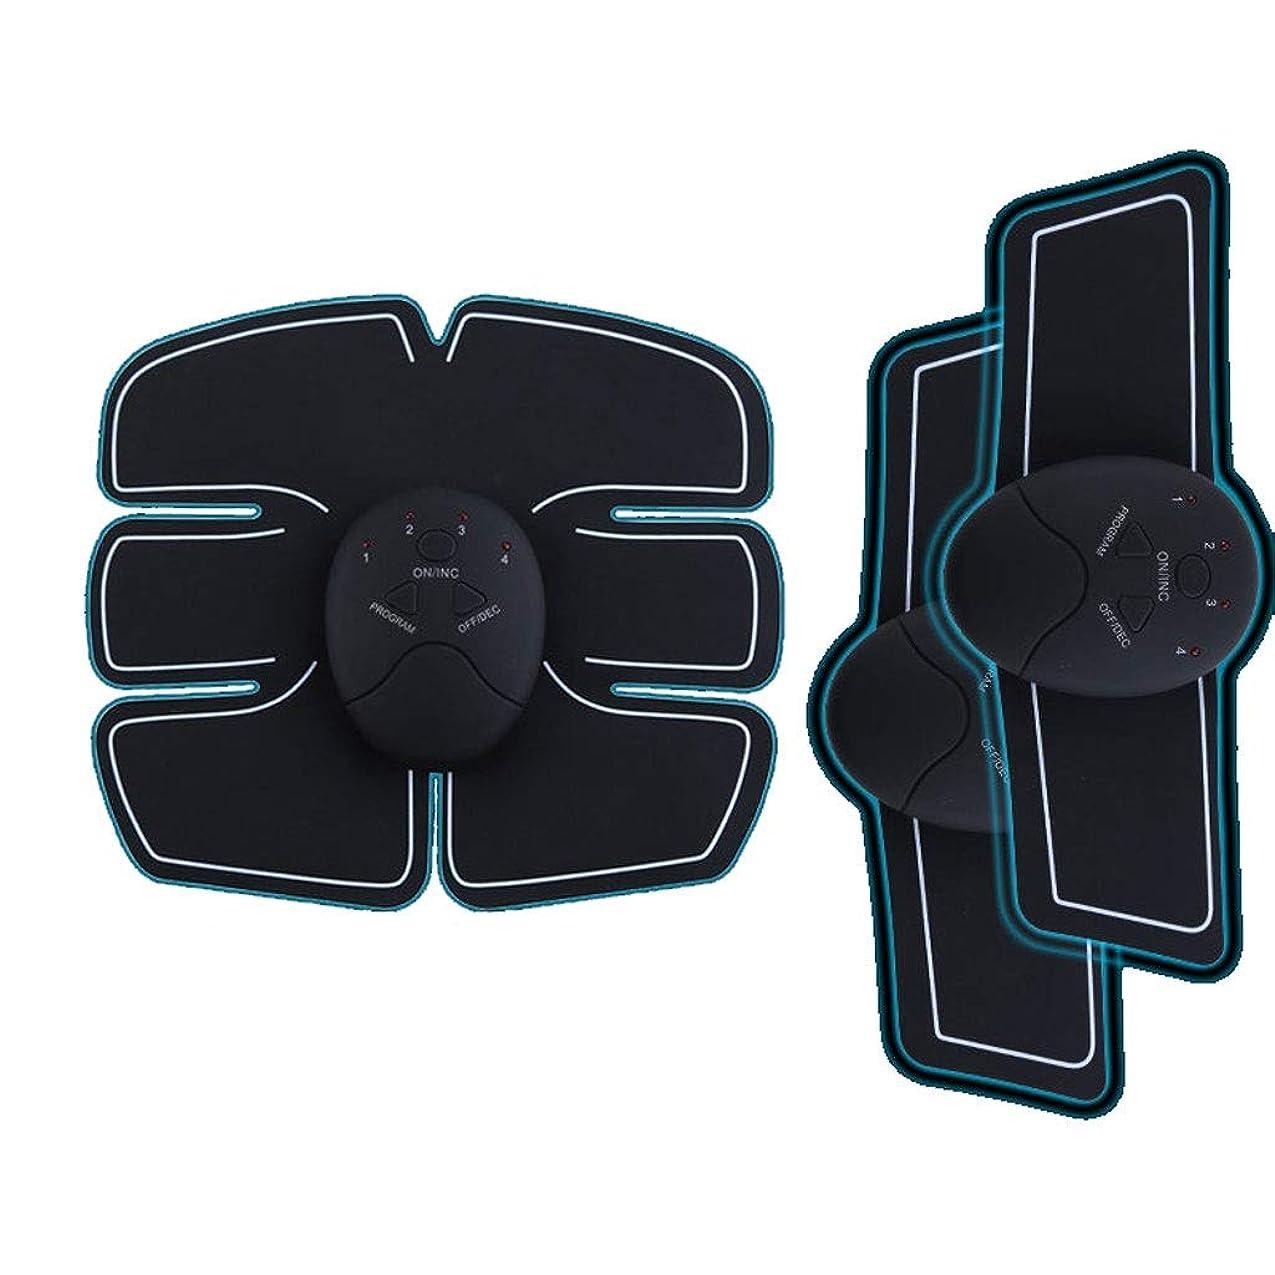 主張もし南EMS AbsトレーナーAbベルト、腹部調色ベルト、腹筋刺激装置、ABSマシンAbベルト調色ジムワークアウトマシン用男性&女性 (Size : 3 host set of stickers)